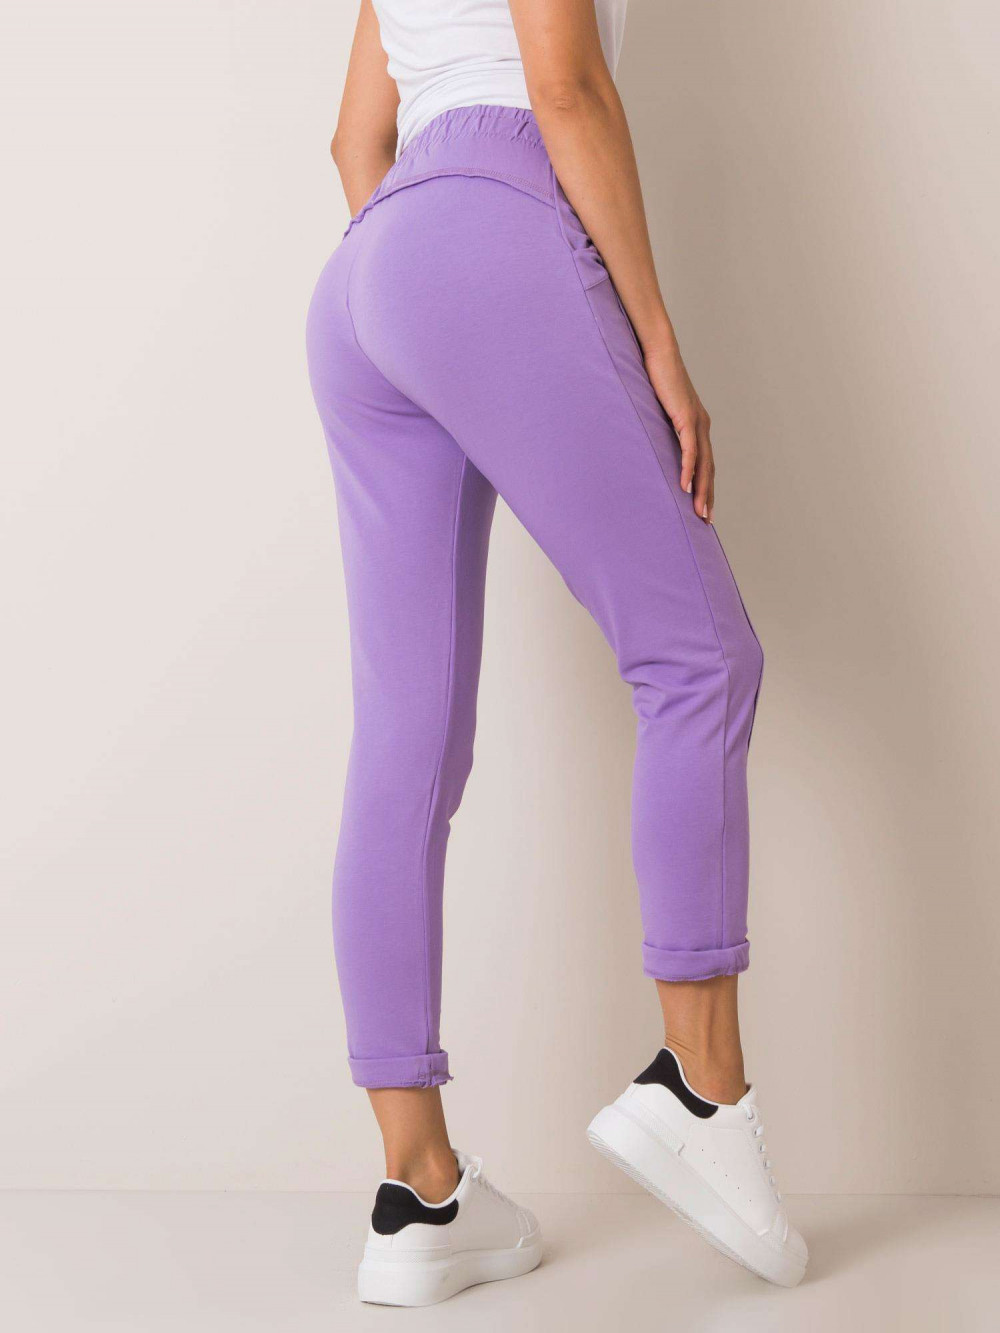 Fioletowe spodnie dresowe z kieszeniami Viole 3